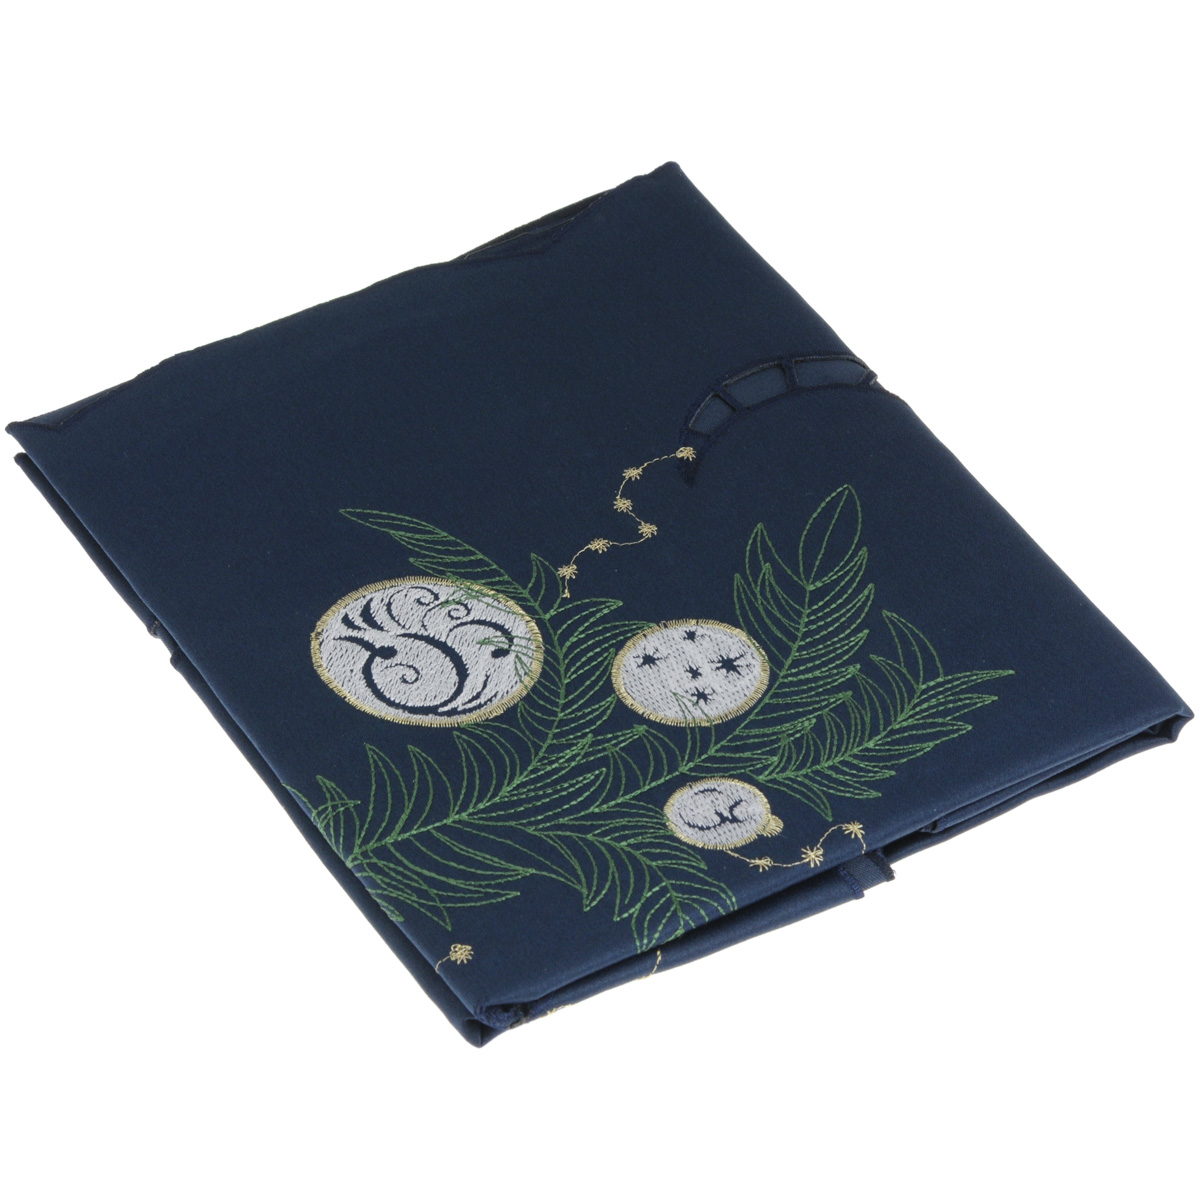 Скатерть Home Queen Шарики, квадратная, цвет: синий, 85x 85 смVT-1520(SR)Новогодняя скатерть Queen Шарики изящно украсит праздничный стол. Изделие выполнено из плотной полиэстеровой ткани, украшенной яркой декоративной ажурной вышивкой в виде елочных шаров. Изделие можно использовать поверх однотонной скатерти или в качестве самостоятельного покрытия на стол. Скатерть Queen Шарики создаст новогоднее настроение и станет прекрасным дополнением интерьера гостиной, кухни или столовой.